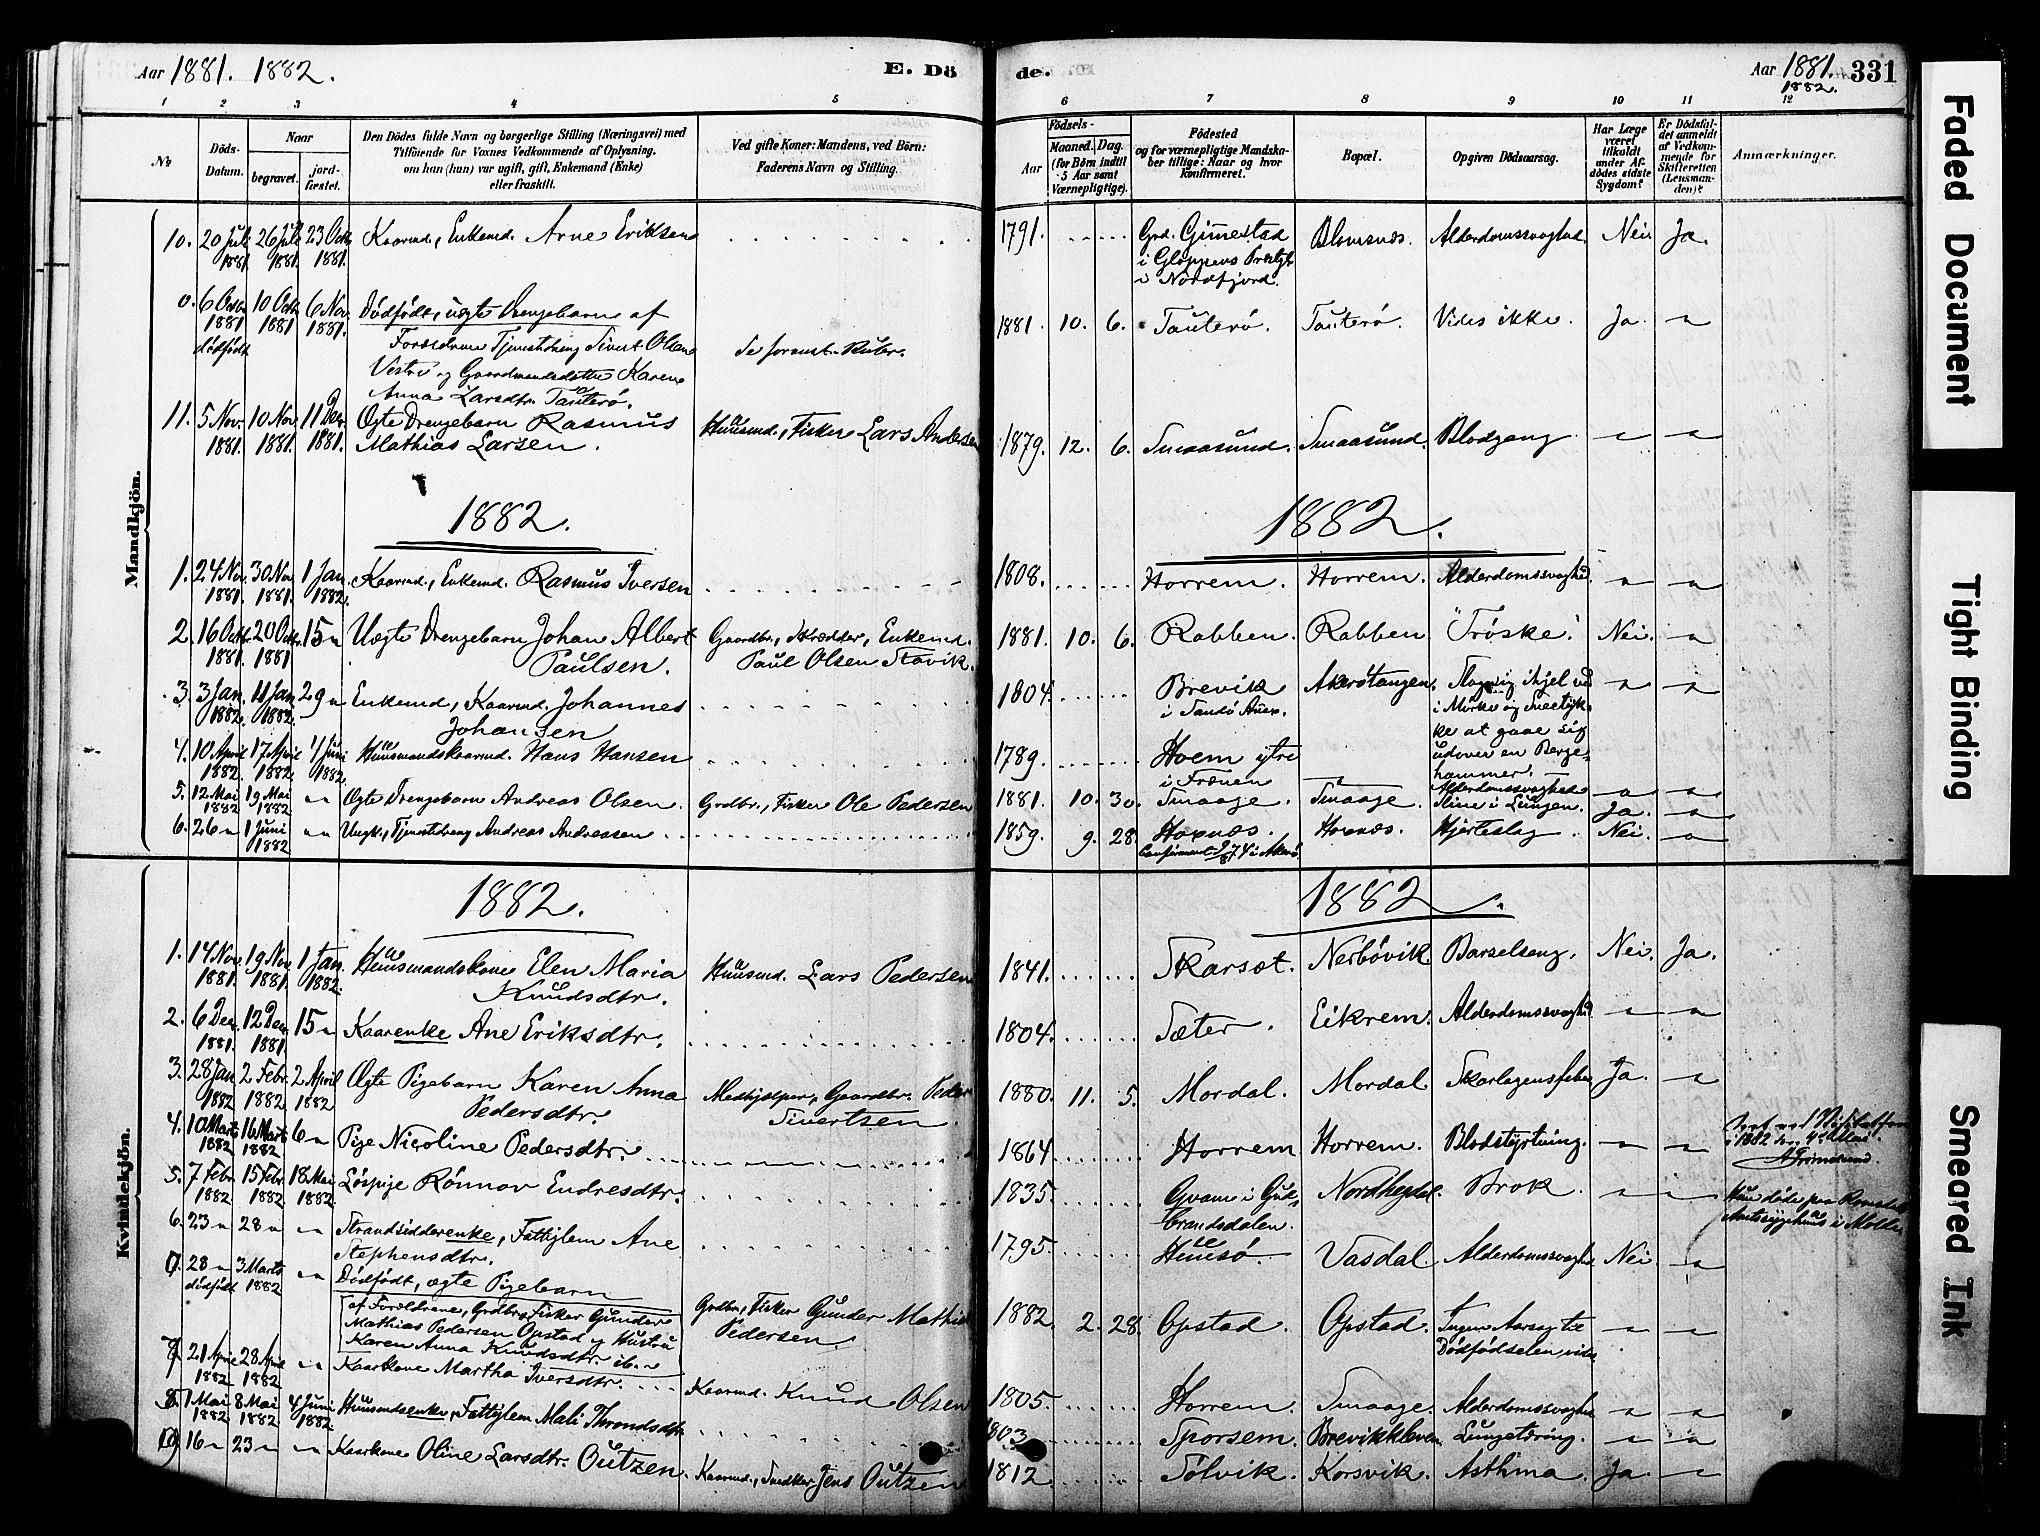 SAT, Ministerialprotokoller, klokkerbøker og fødselsregistre - Møre og Romsdal, 560/L0721: Ministerialbok nr. 560A05, 1878-1917, s. 331